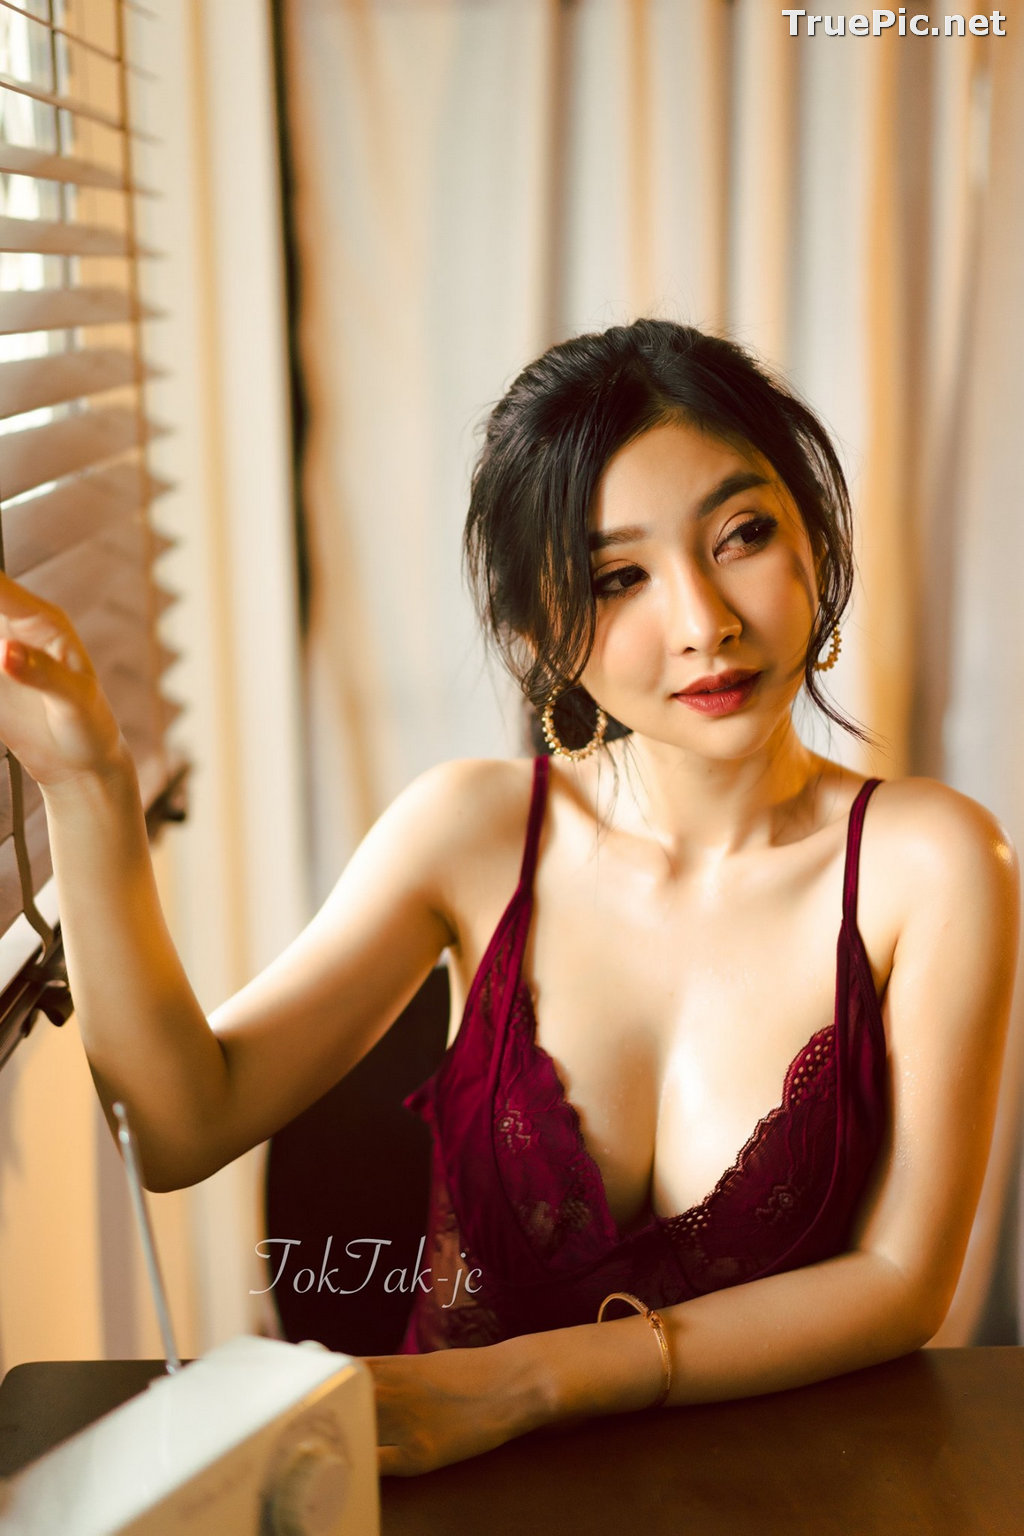 Image Thailand Model - Pattamaporn Keawkum - Red Plum Lingerie - TruePic.net - Picture-2